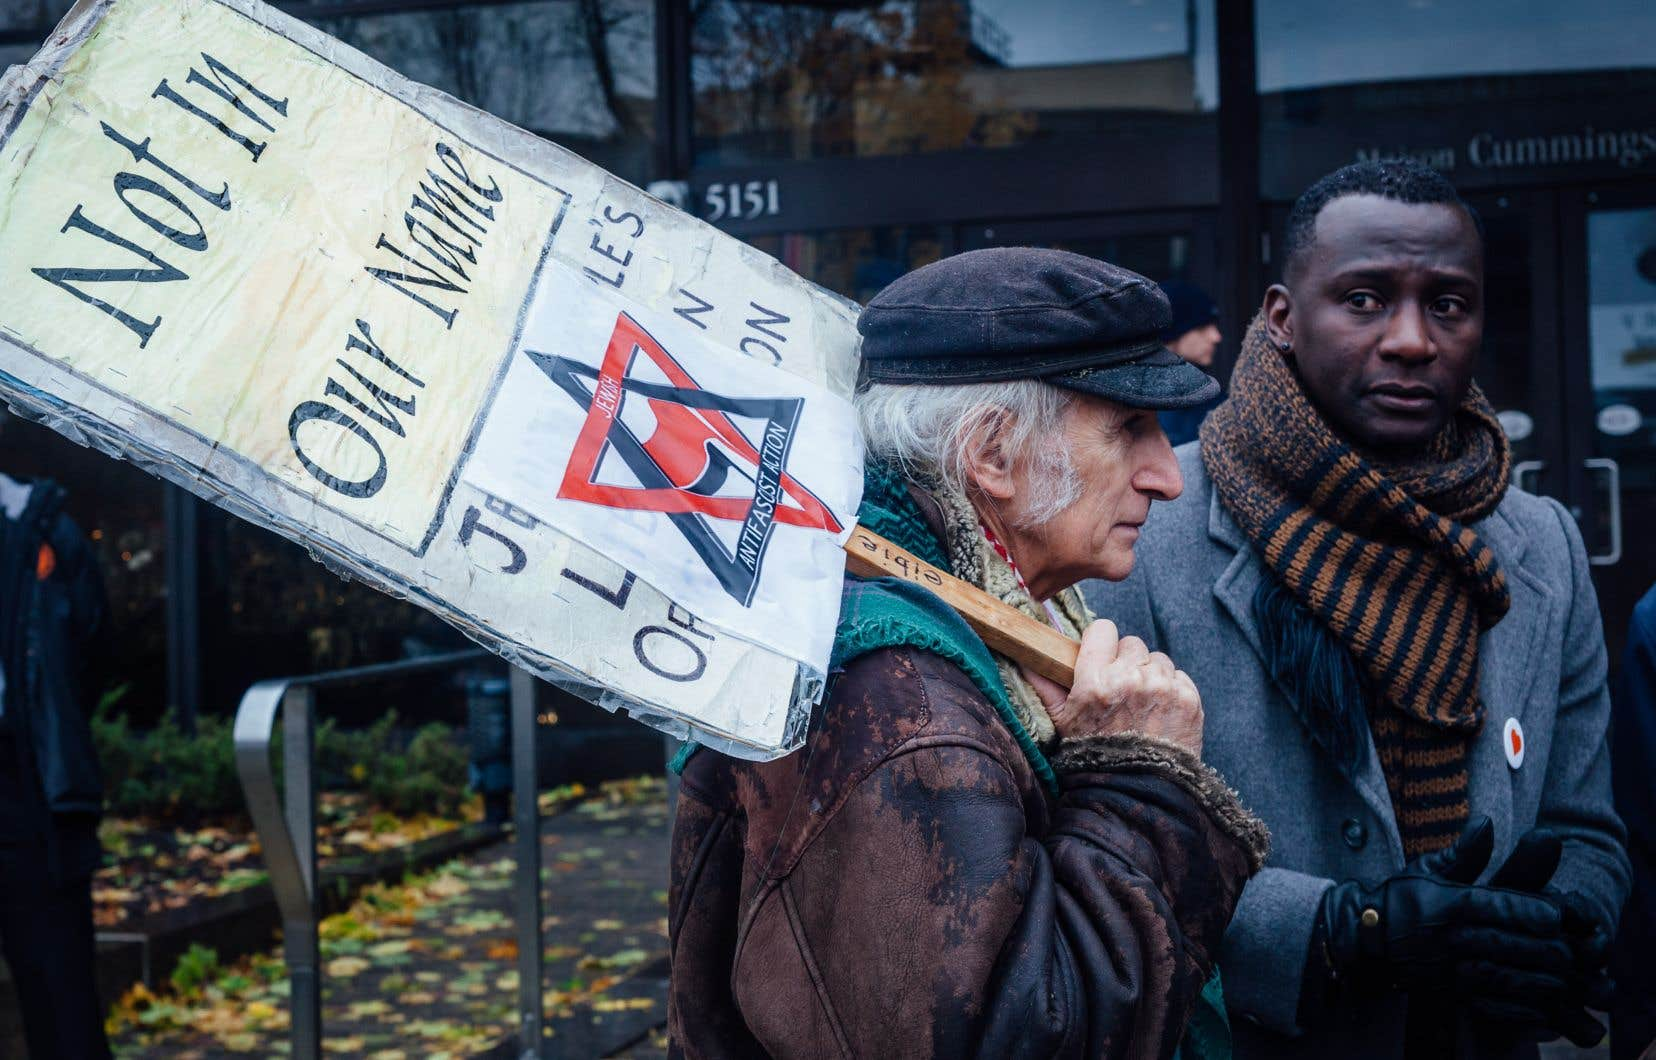 <p>Des dizaines de personnes ont répondu à l'appel d'organisations juives et se sont rassemblées devant le Musée de l'Holocauste à Montréal dimanche.</p>